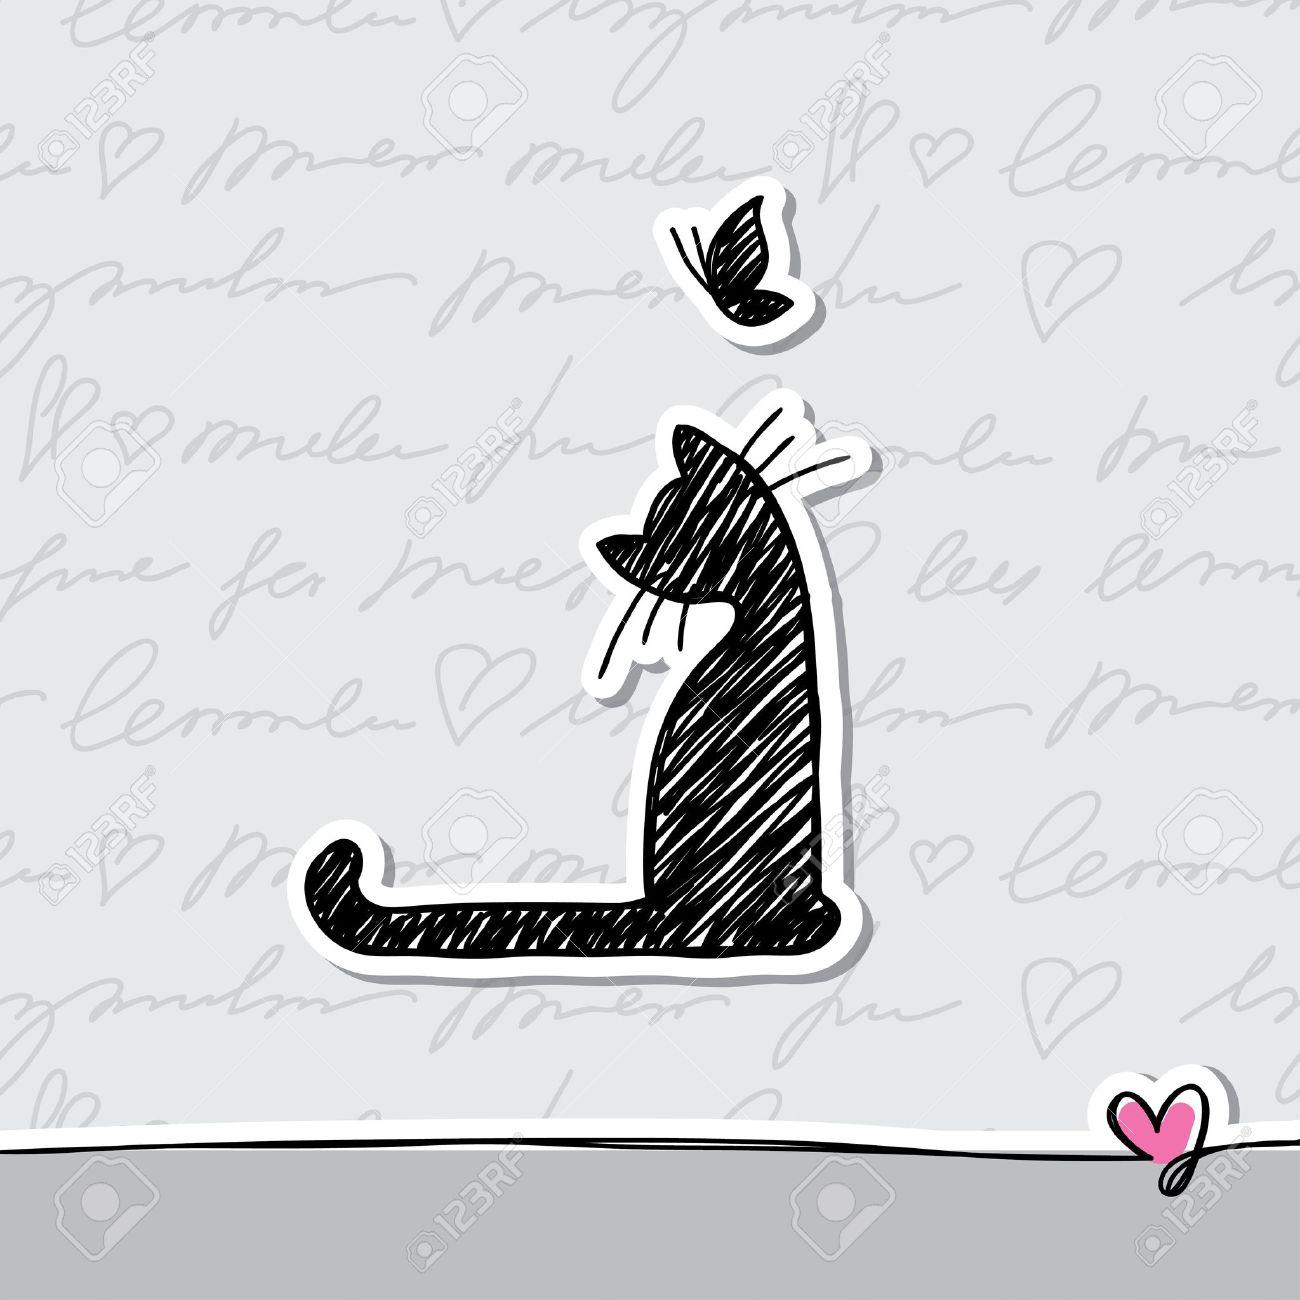 dibujado a mano la tarjeta con el gato y la mariposa Foto de archivo - 14932902